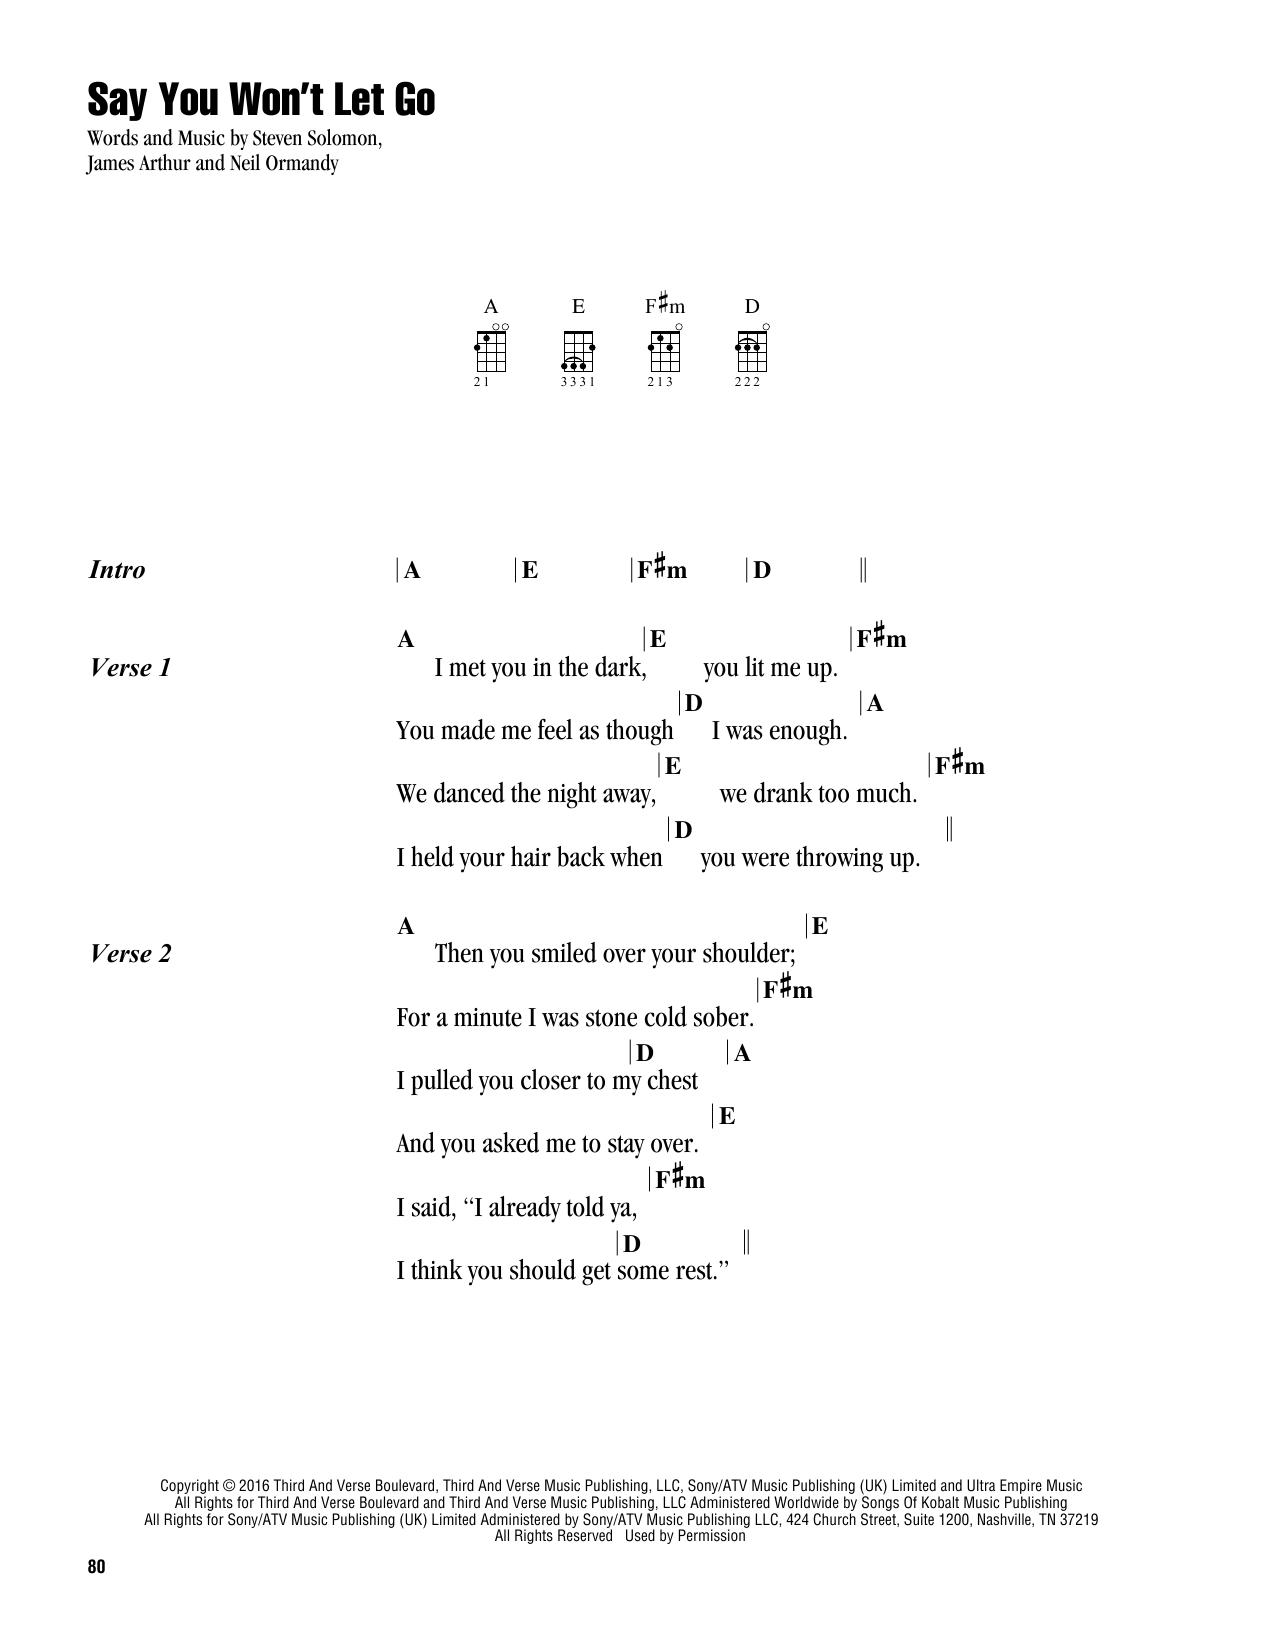 Say You Won't Let Go (Ukulele Chords/Lyrics)